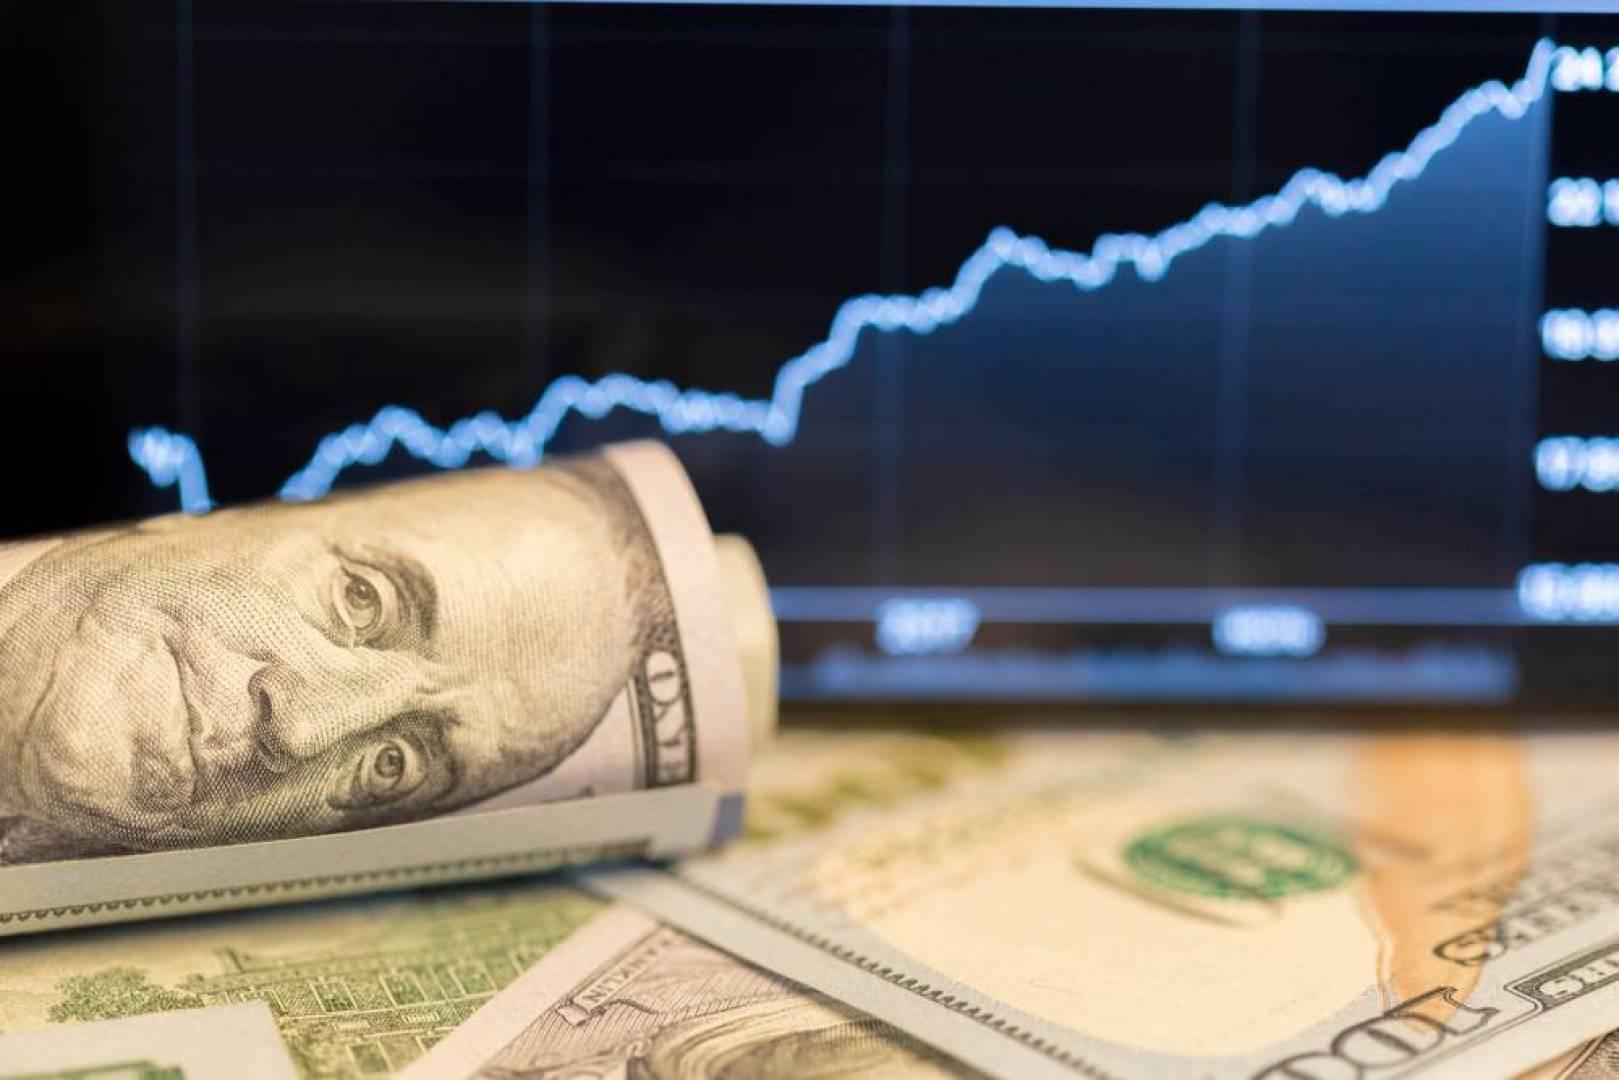 الدولار يكسب وسط عزوف عن المخاطرة في السوق